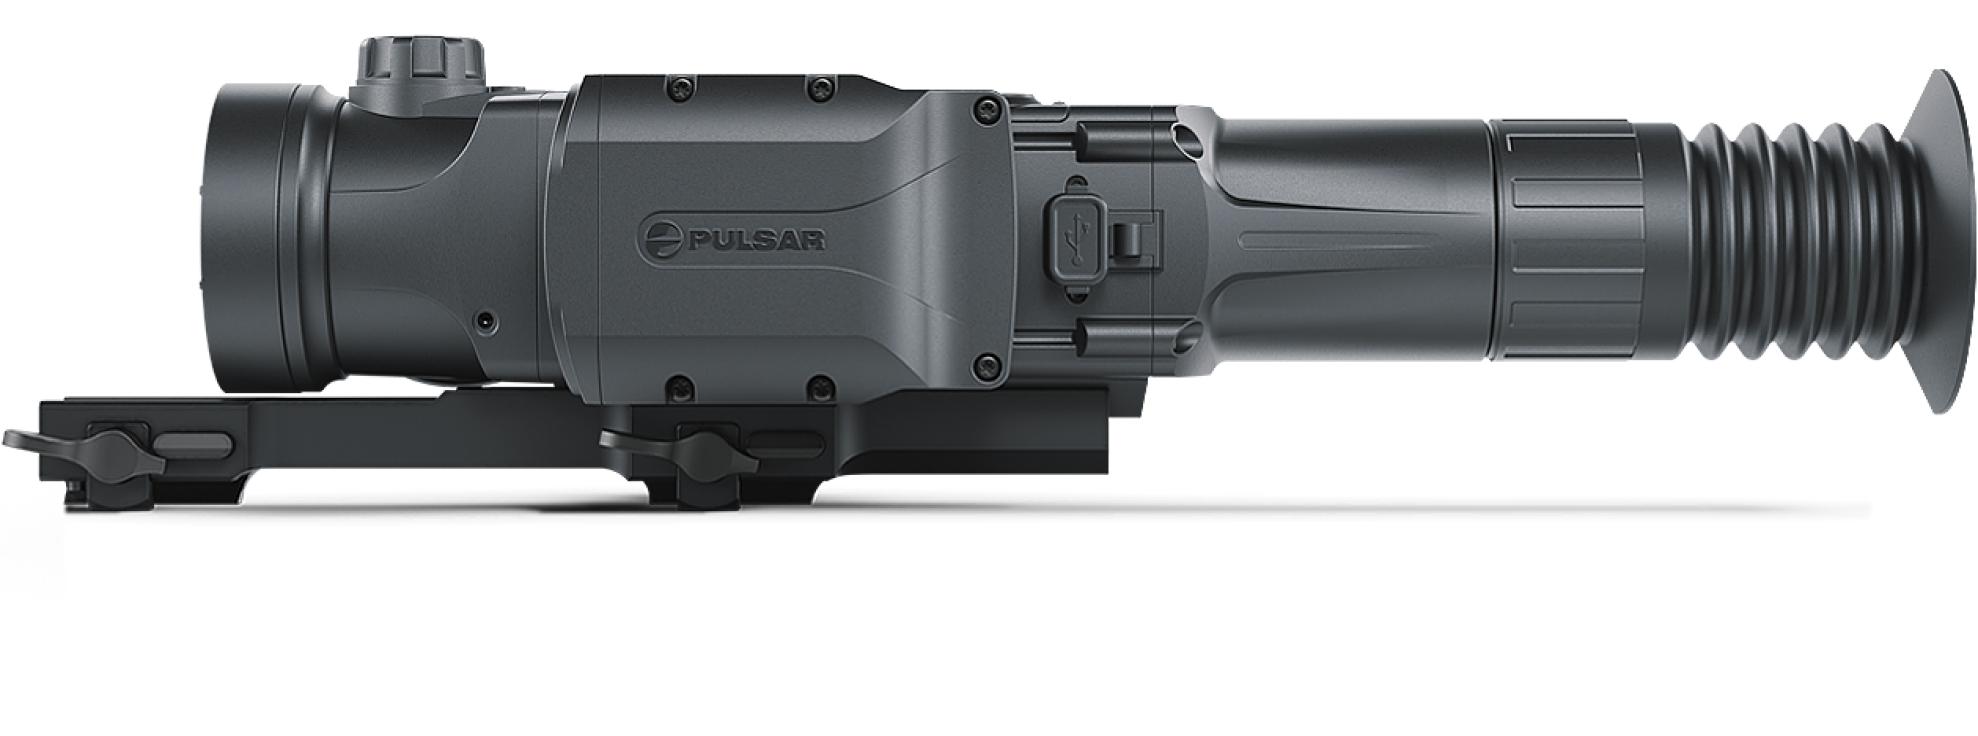 Pulsar Trail 2 LRF Wärmebildkamera